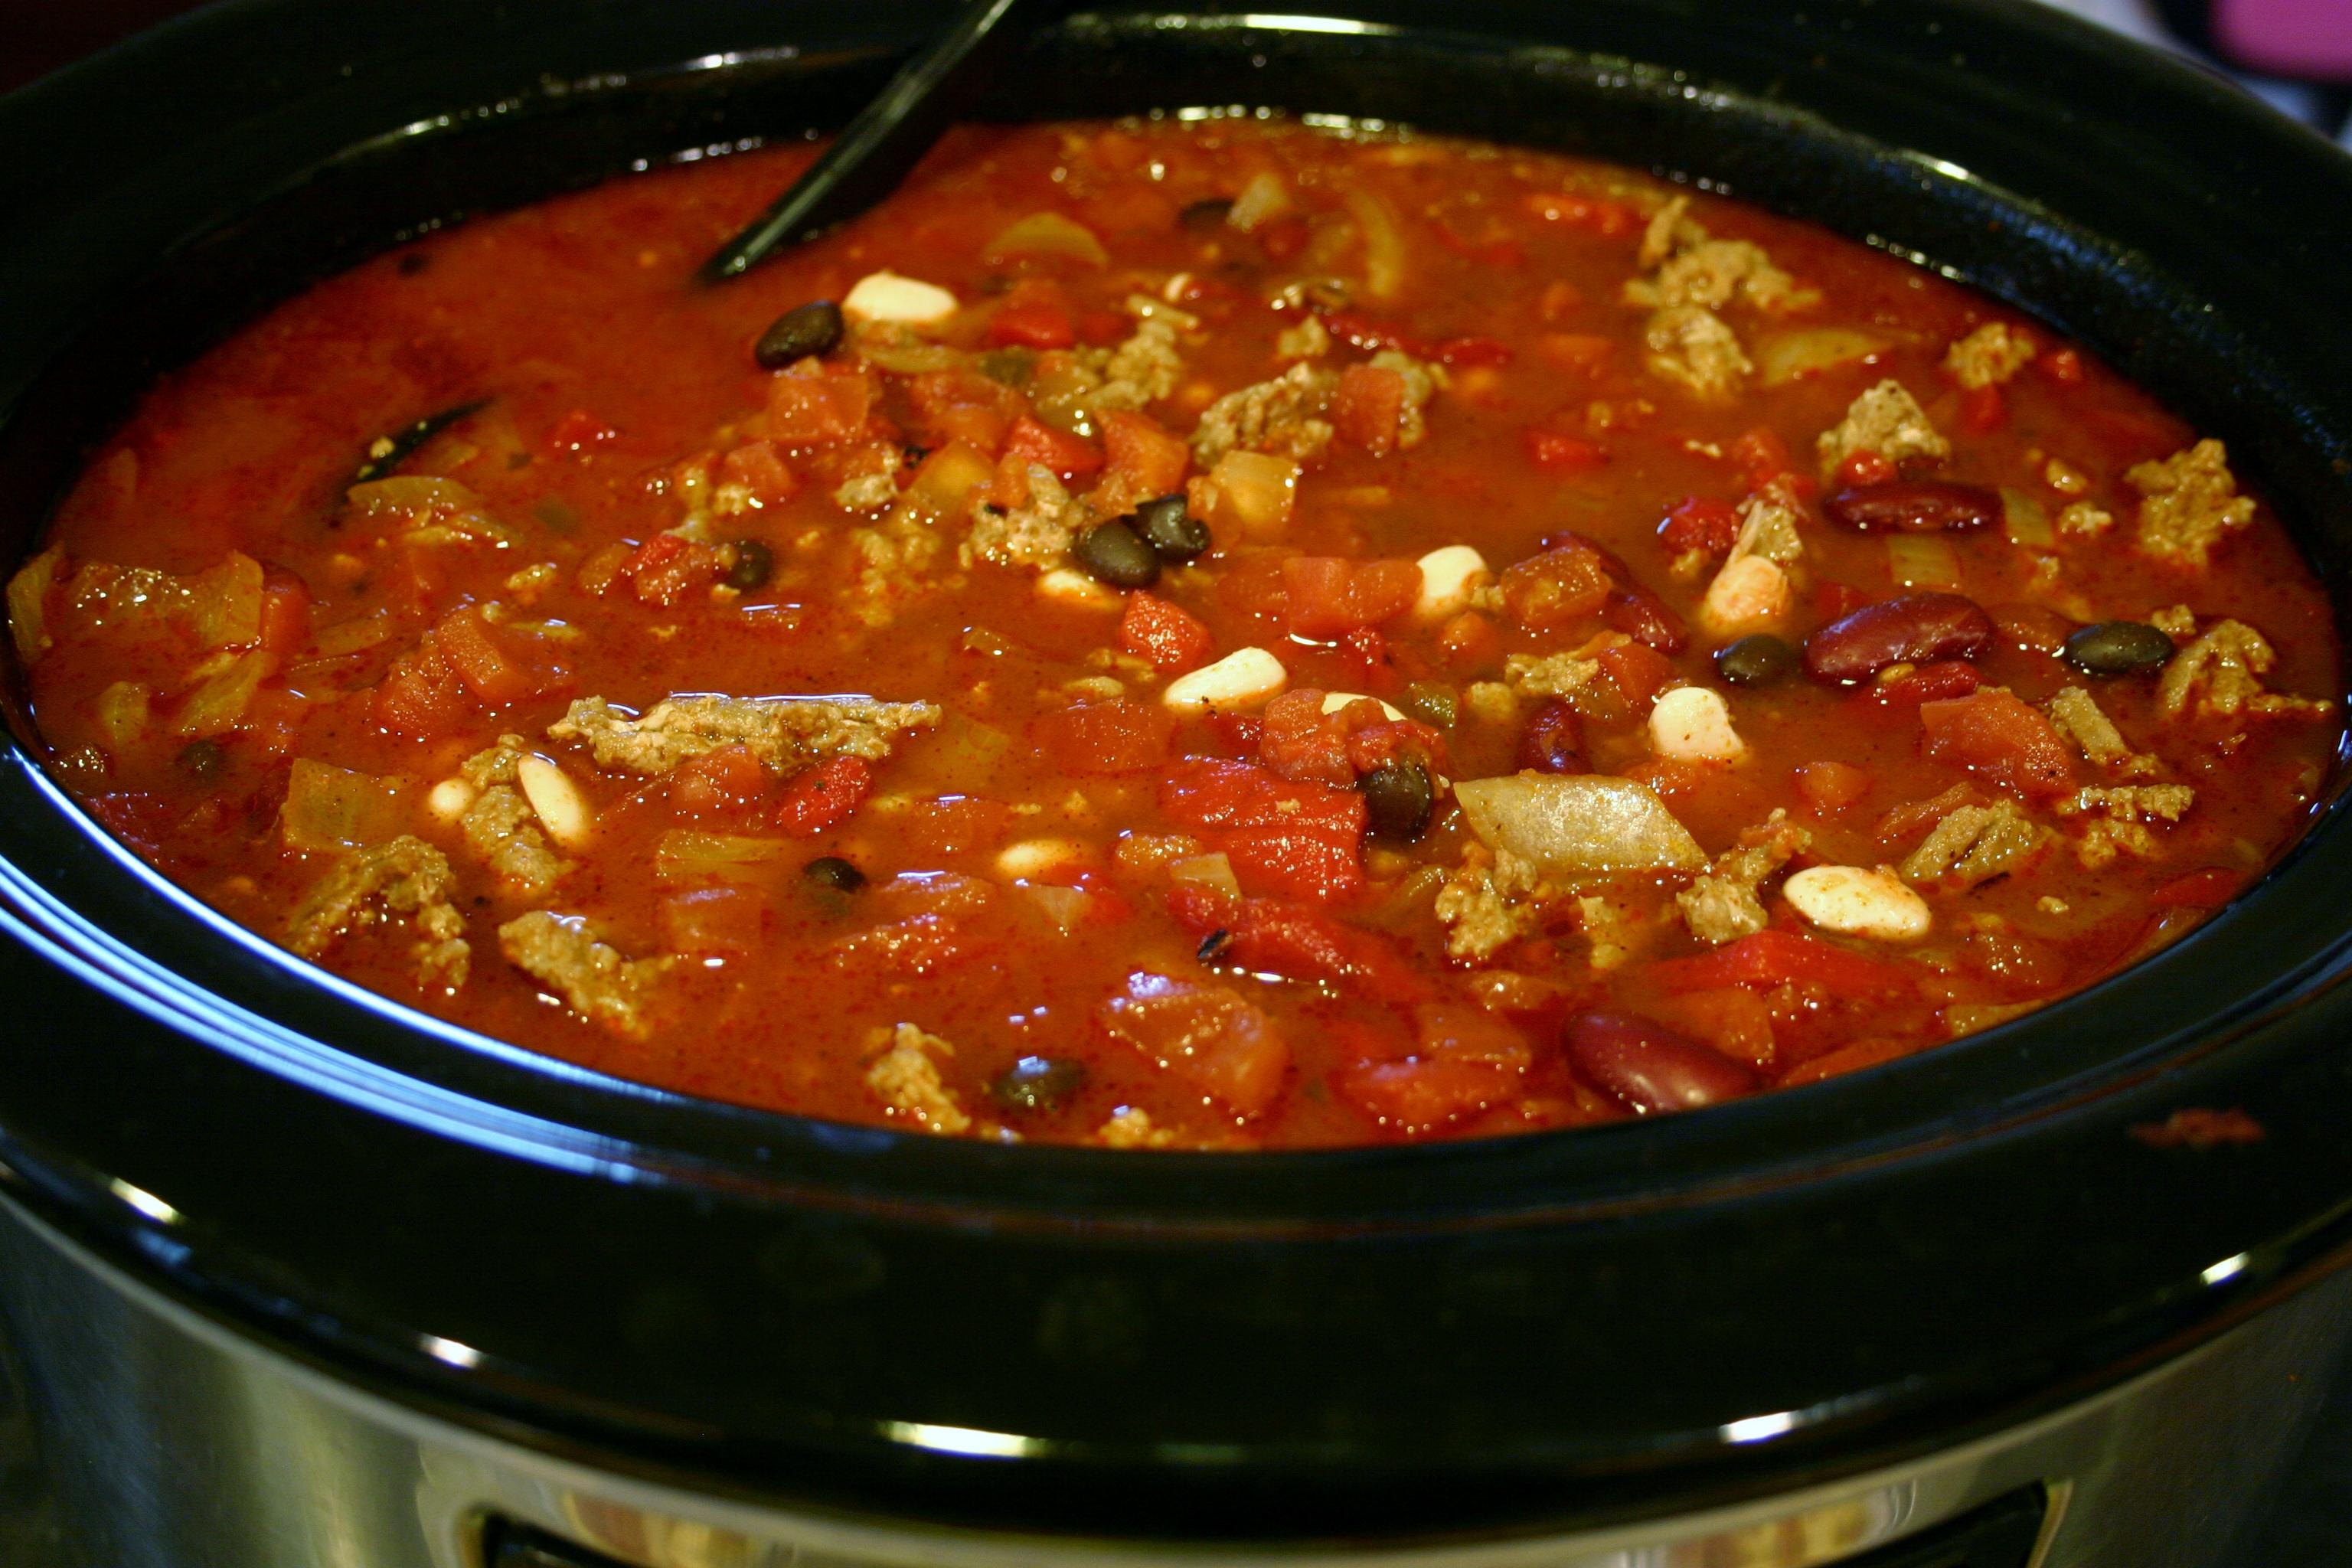 ... Three-Bean Turkey Chili . To make Three-Bean Turkey Chili, you need